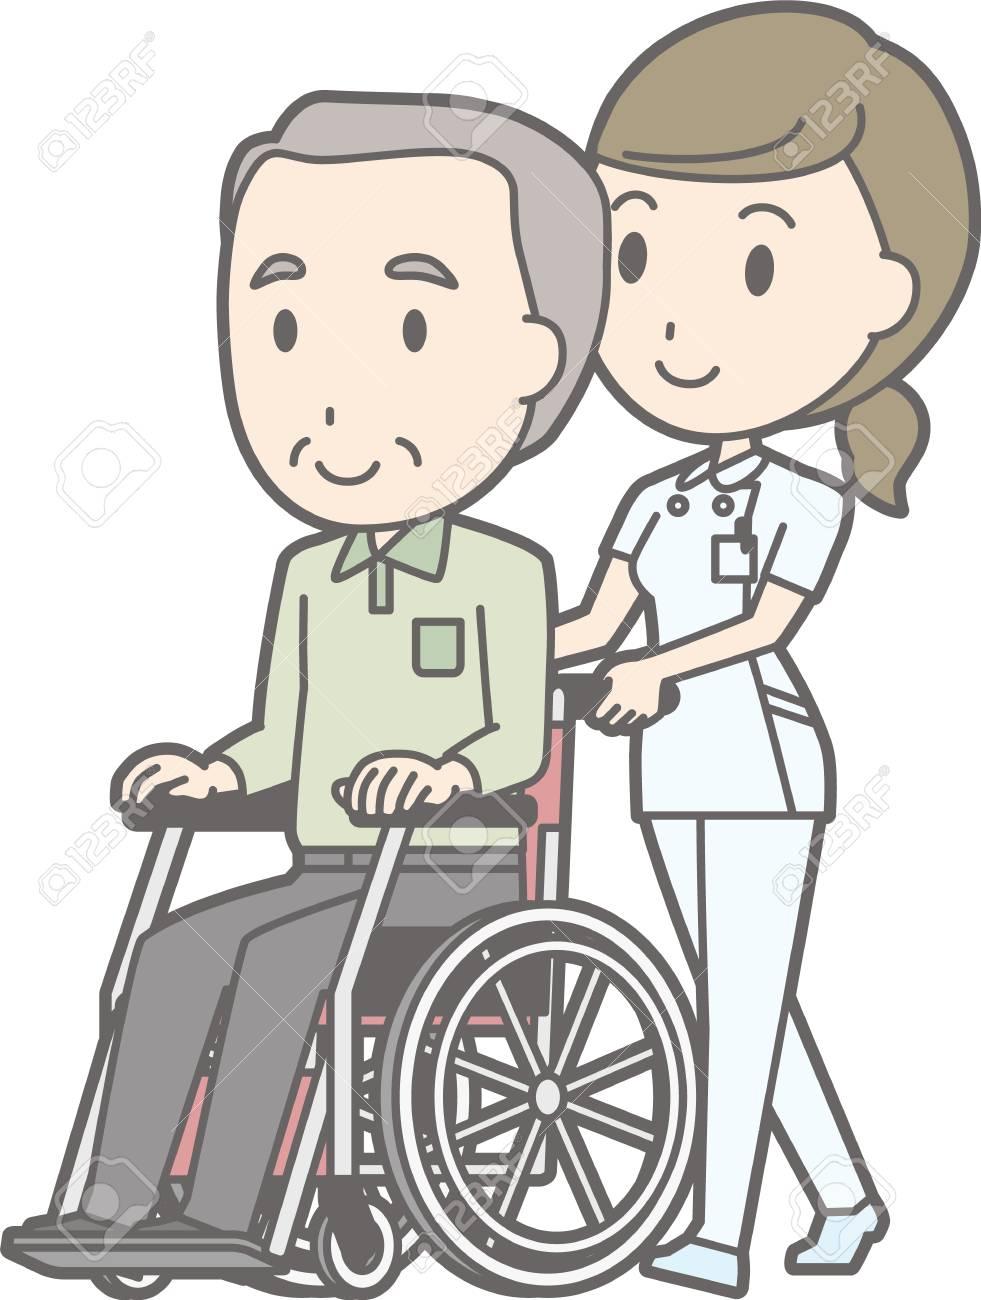 b126cd67686487 Illustration zu Fuß von einer Krankenschwester tragen einen weißen Mantel  schieben einen Rollstuhl mit einem alten